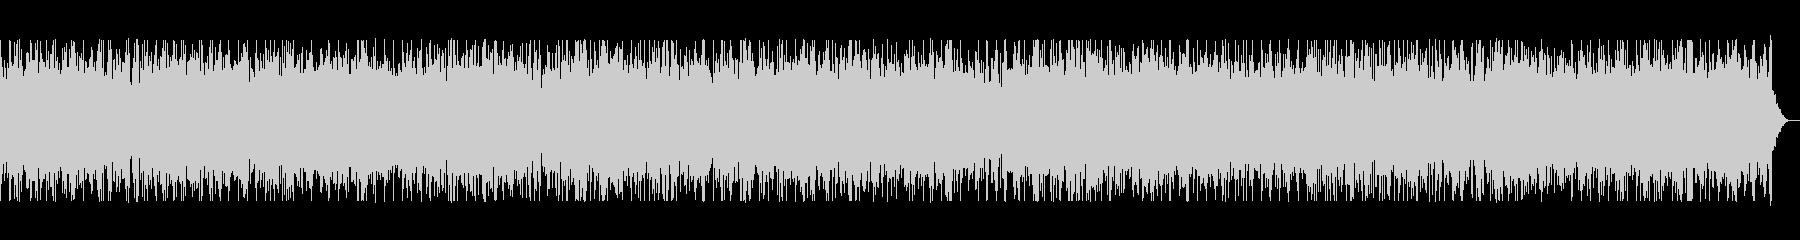 ケルト系フィドルバンド民族風[6分間]の未再生の波形